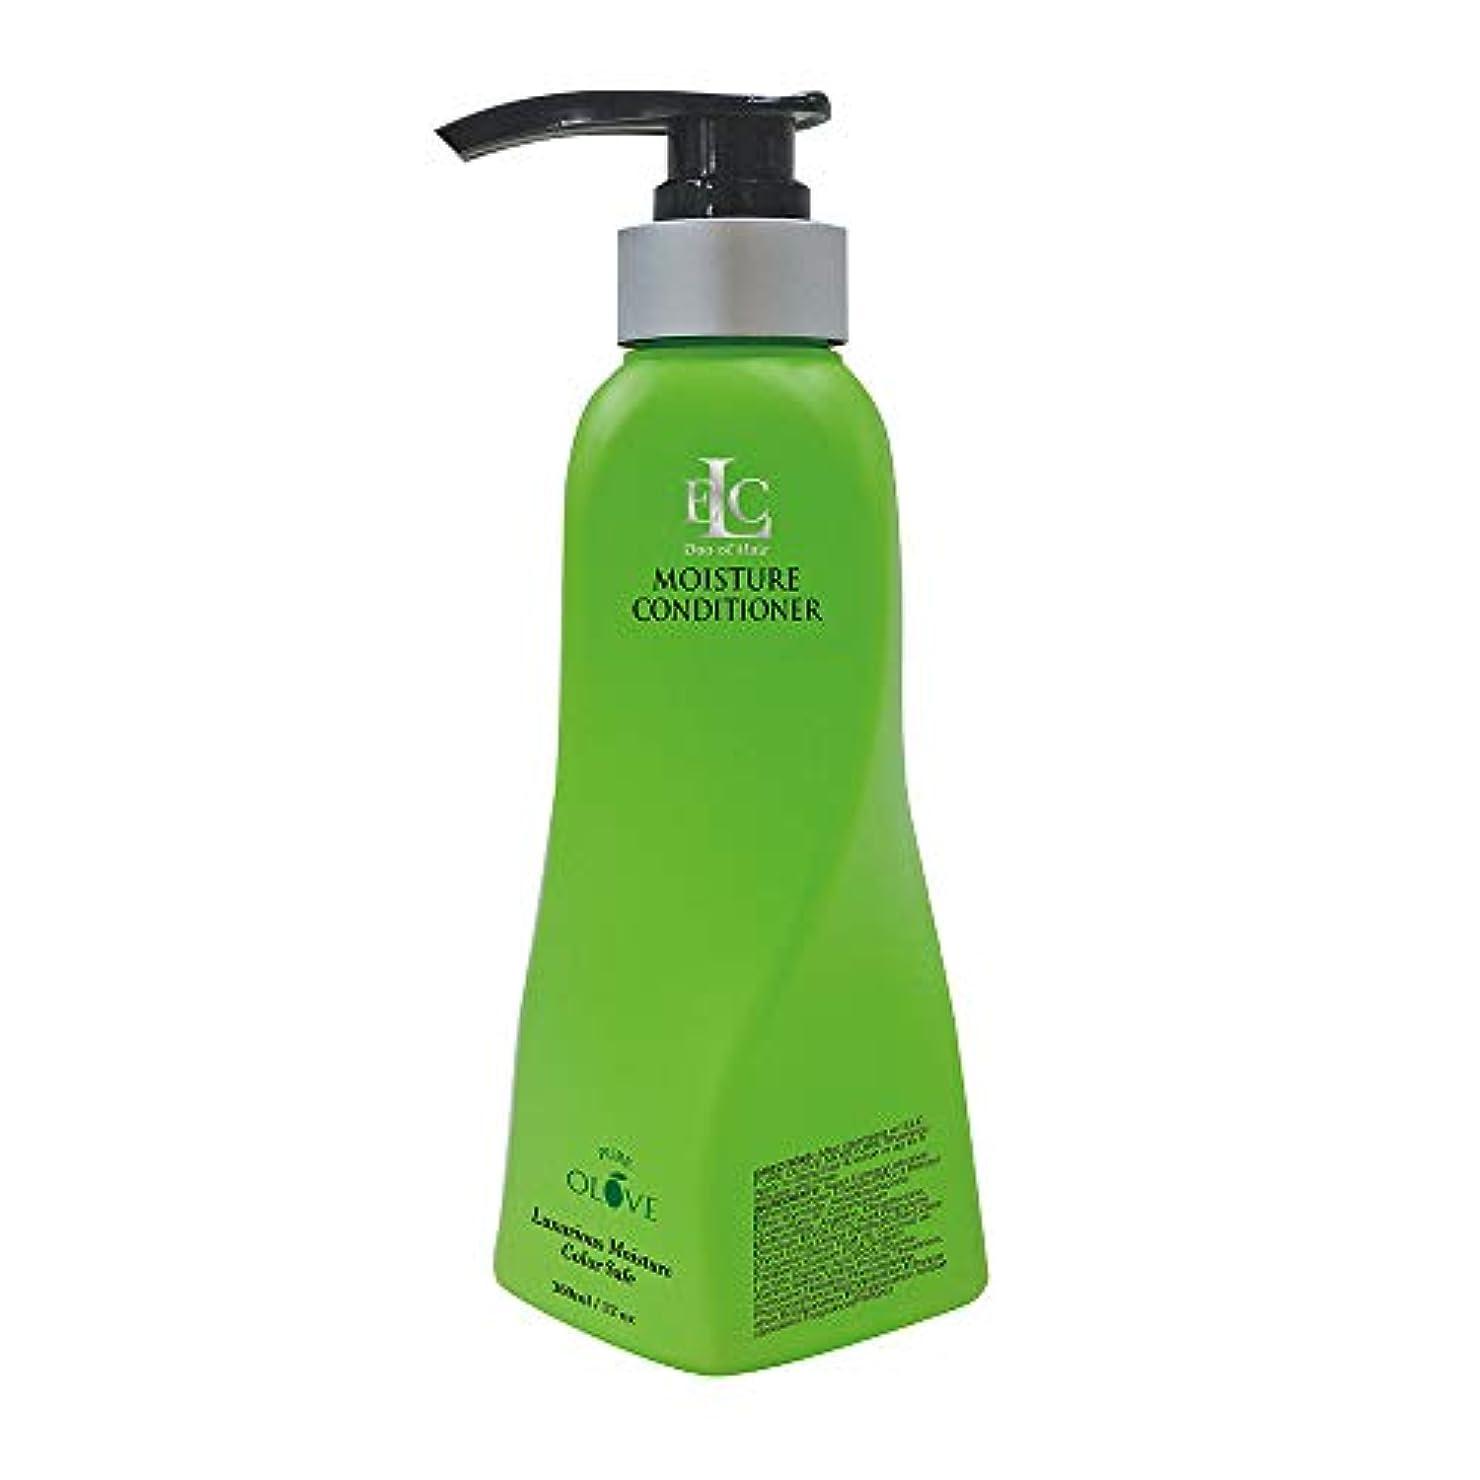 犠牲要件インスタンスELC Dao of Hair ELCピュアOloveモイスチャライジングコンディショナー - モイスチャーリッチナチュラルボタニカル&有機油は、栄養を与え、修理、強化、ドライ髪を再水和 12オンス